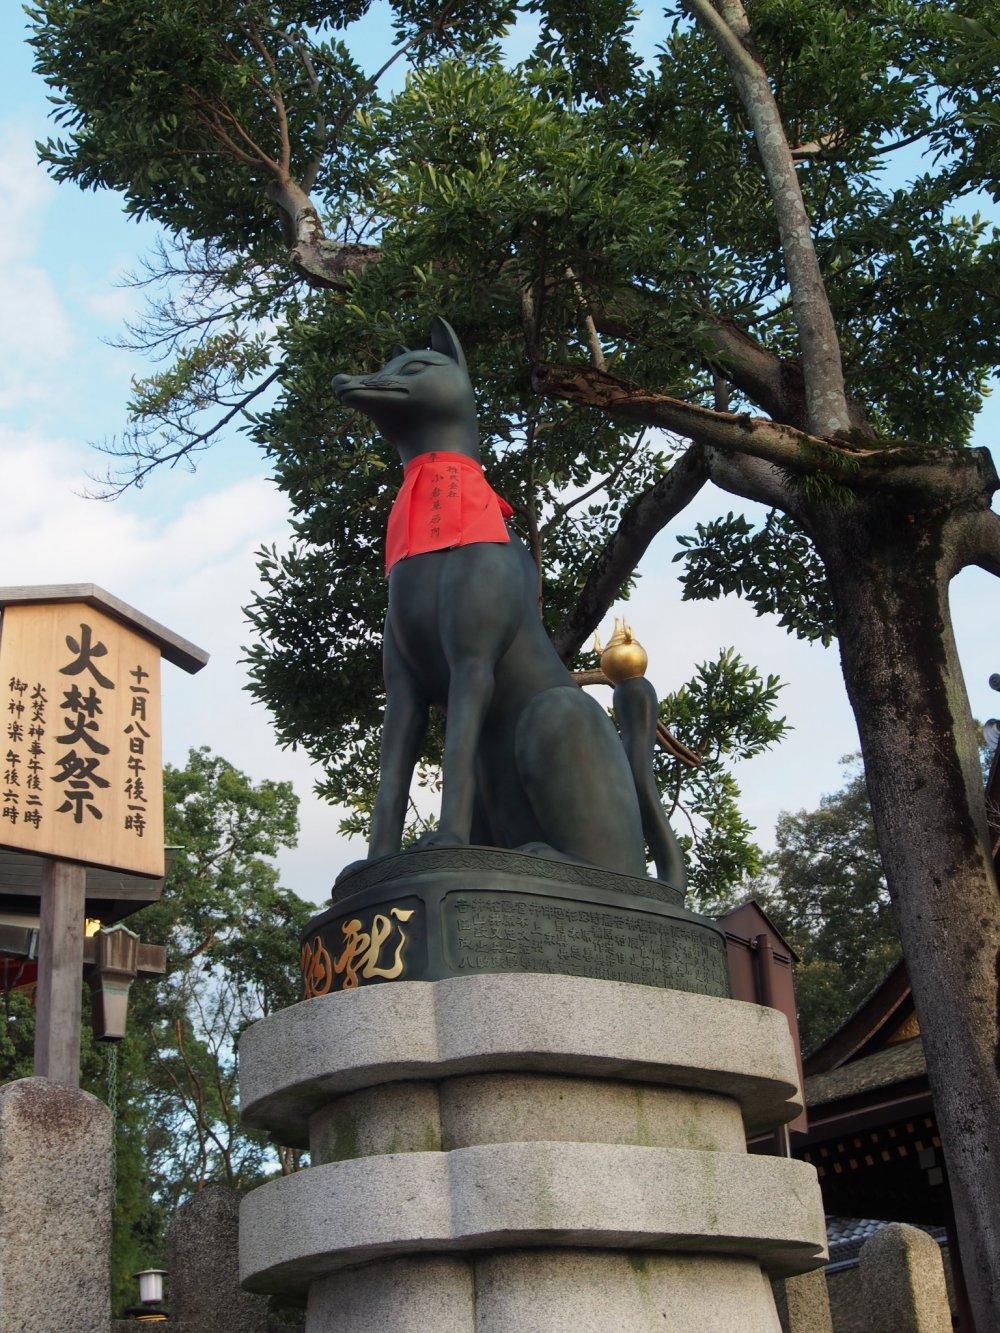 รูปปั้นคิซึตเนะด้านหน้าของอาคารศาลเจ้า